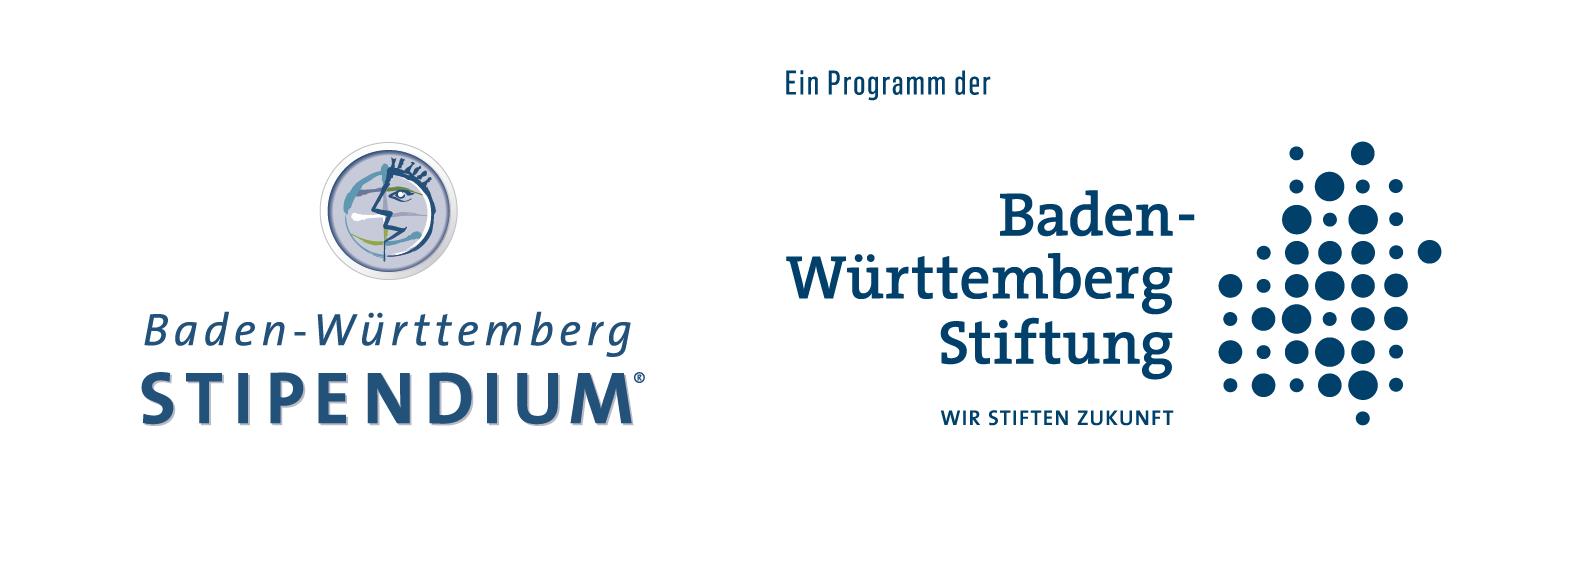 Baden Württemberg  STIPENDIUM   Universität Ulm